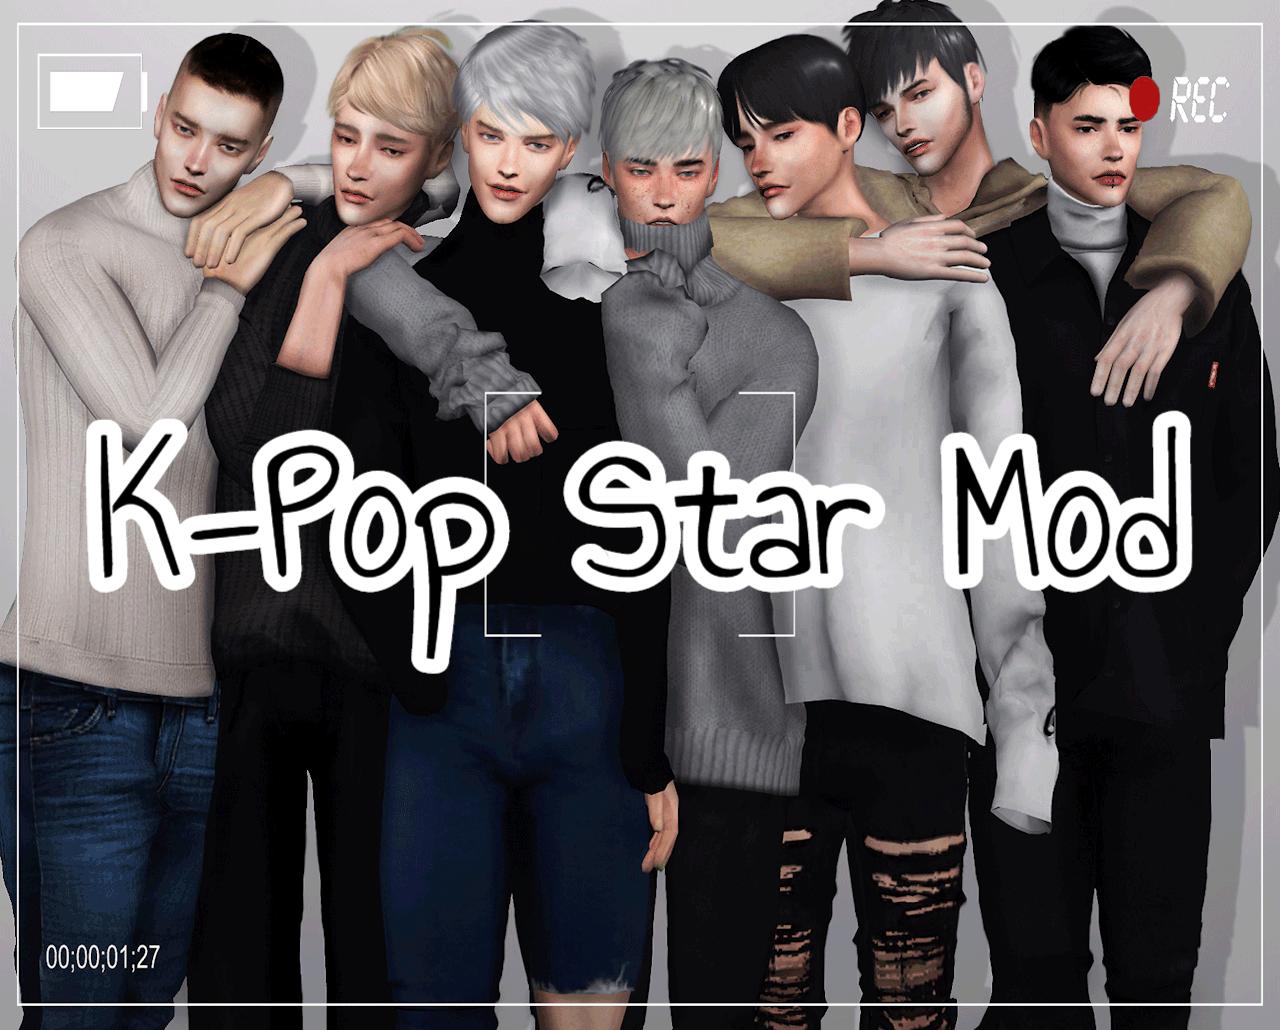 K Pop Star Mod Kawaiistacie Mods In 2020 K Pop Star Pop Star Sims 4